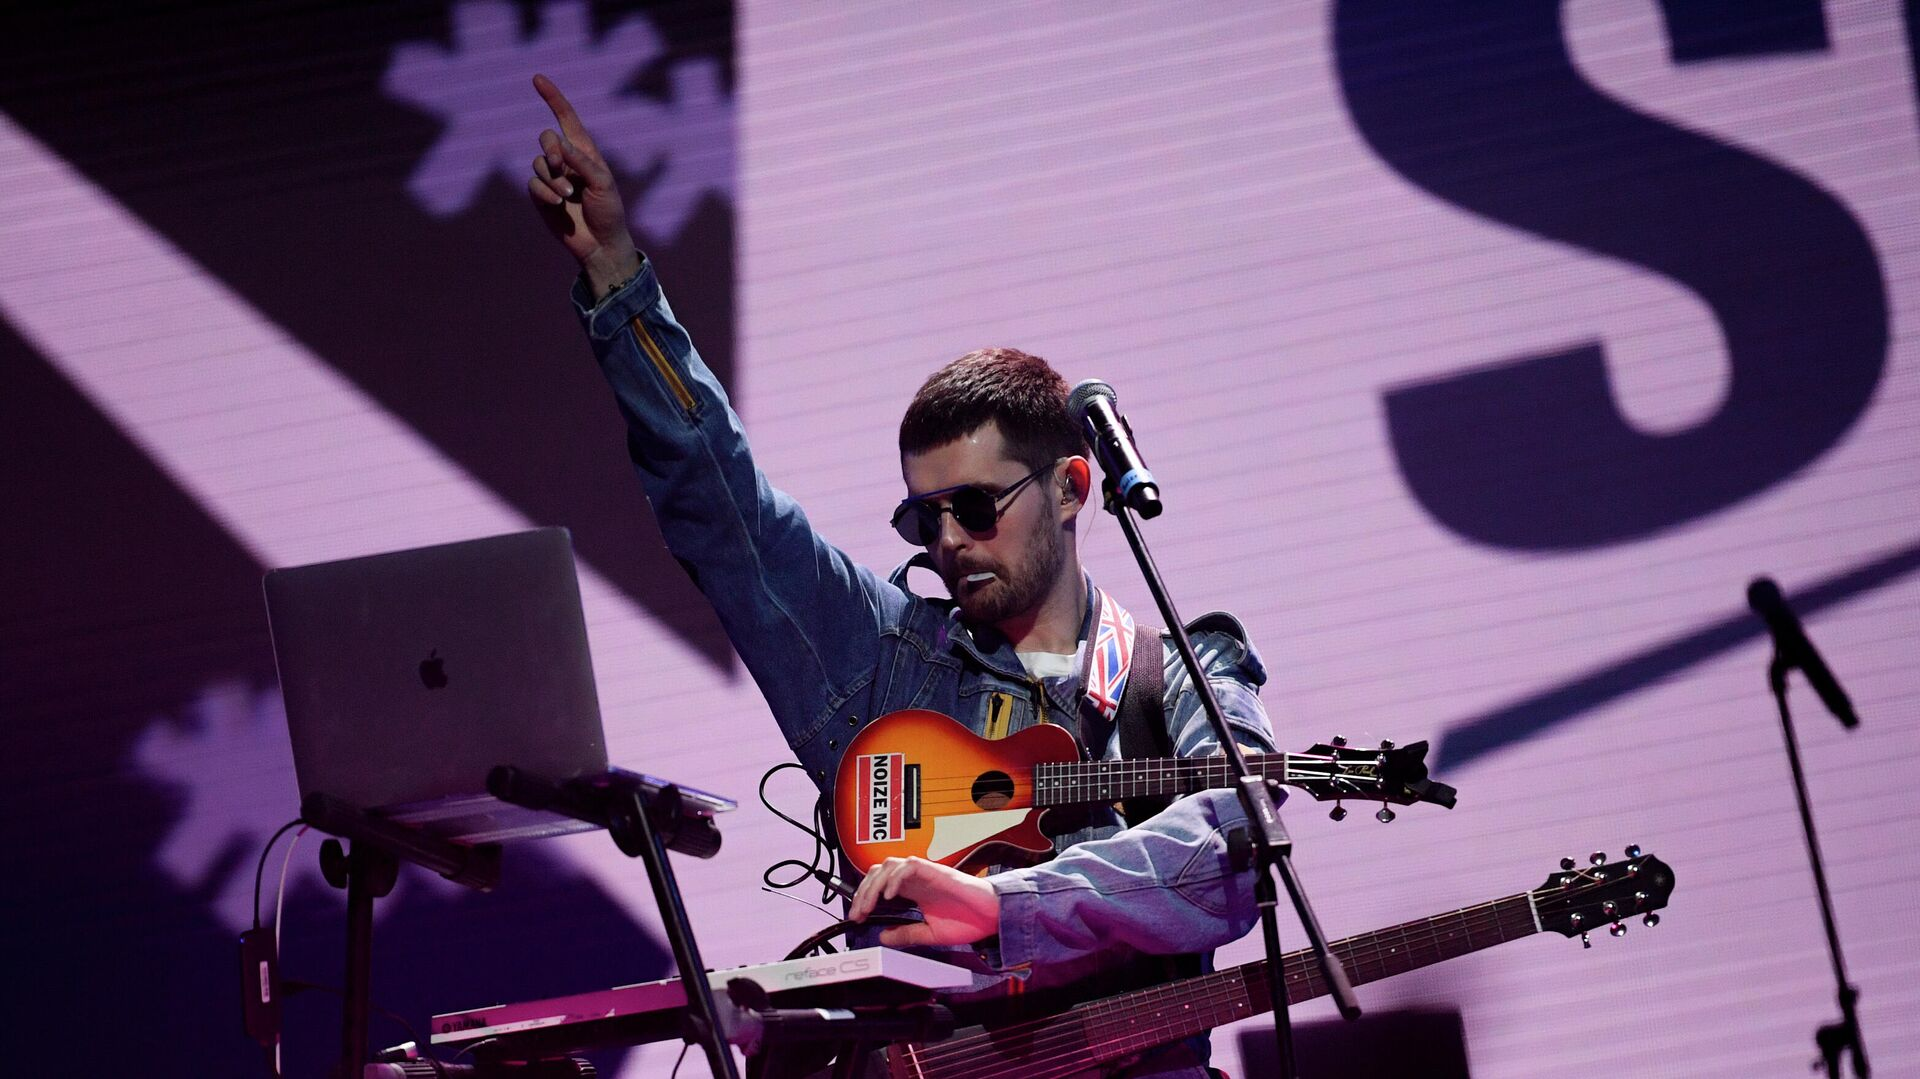 Рэпер Noize MC выступают на концерте-поединке Red Bull SoundClash в спортивном комплексе ЦСКА-Арена в Москве - РИА Новости, 1920, 10.06.2021